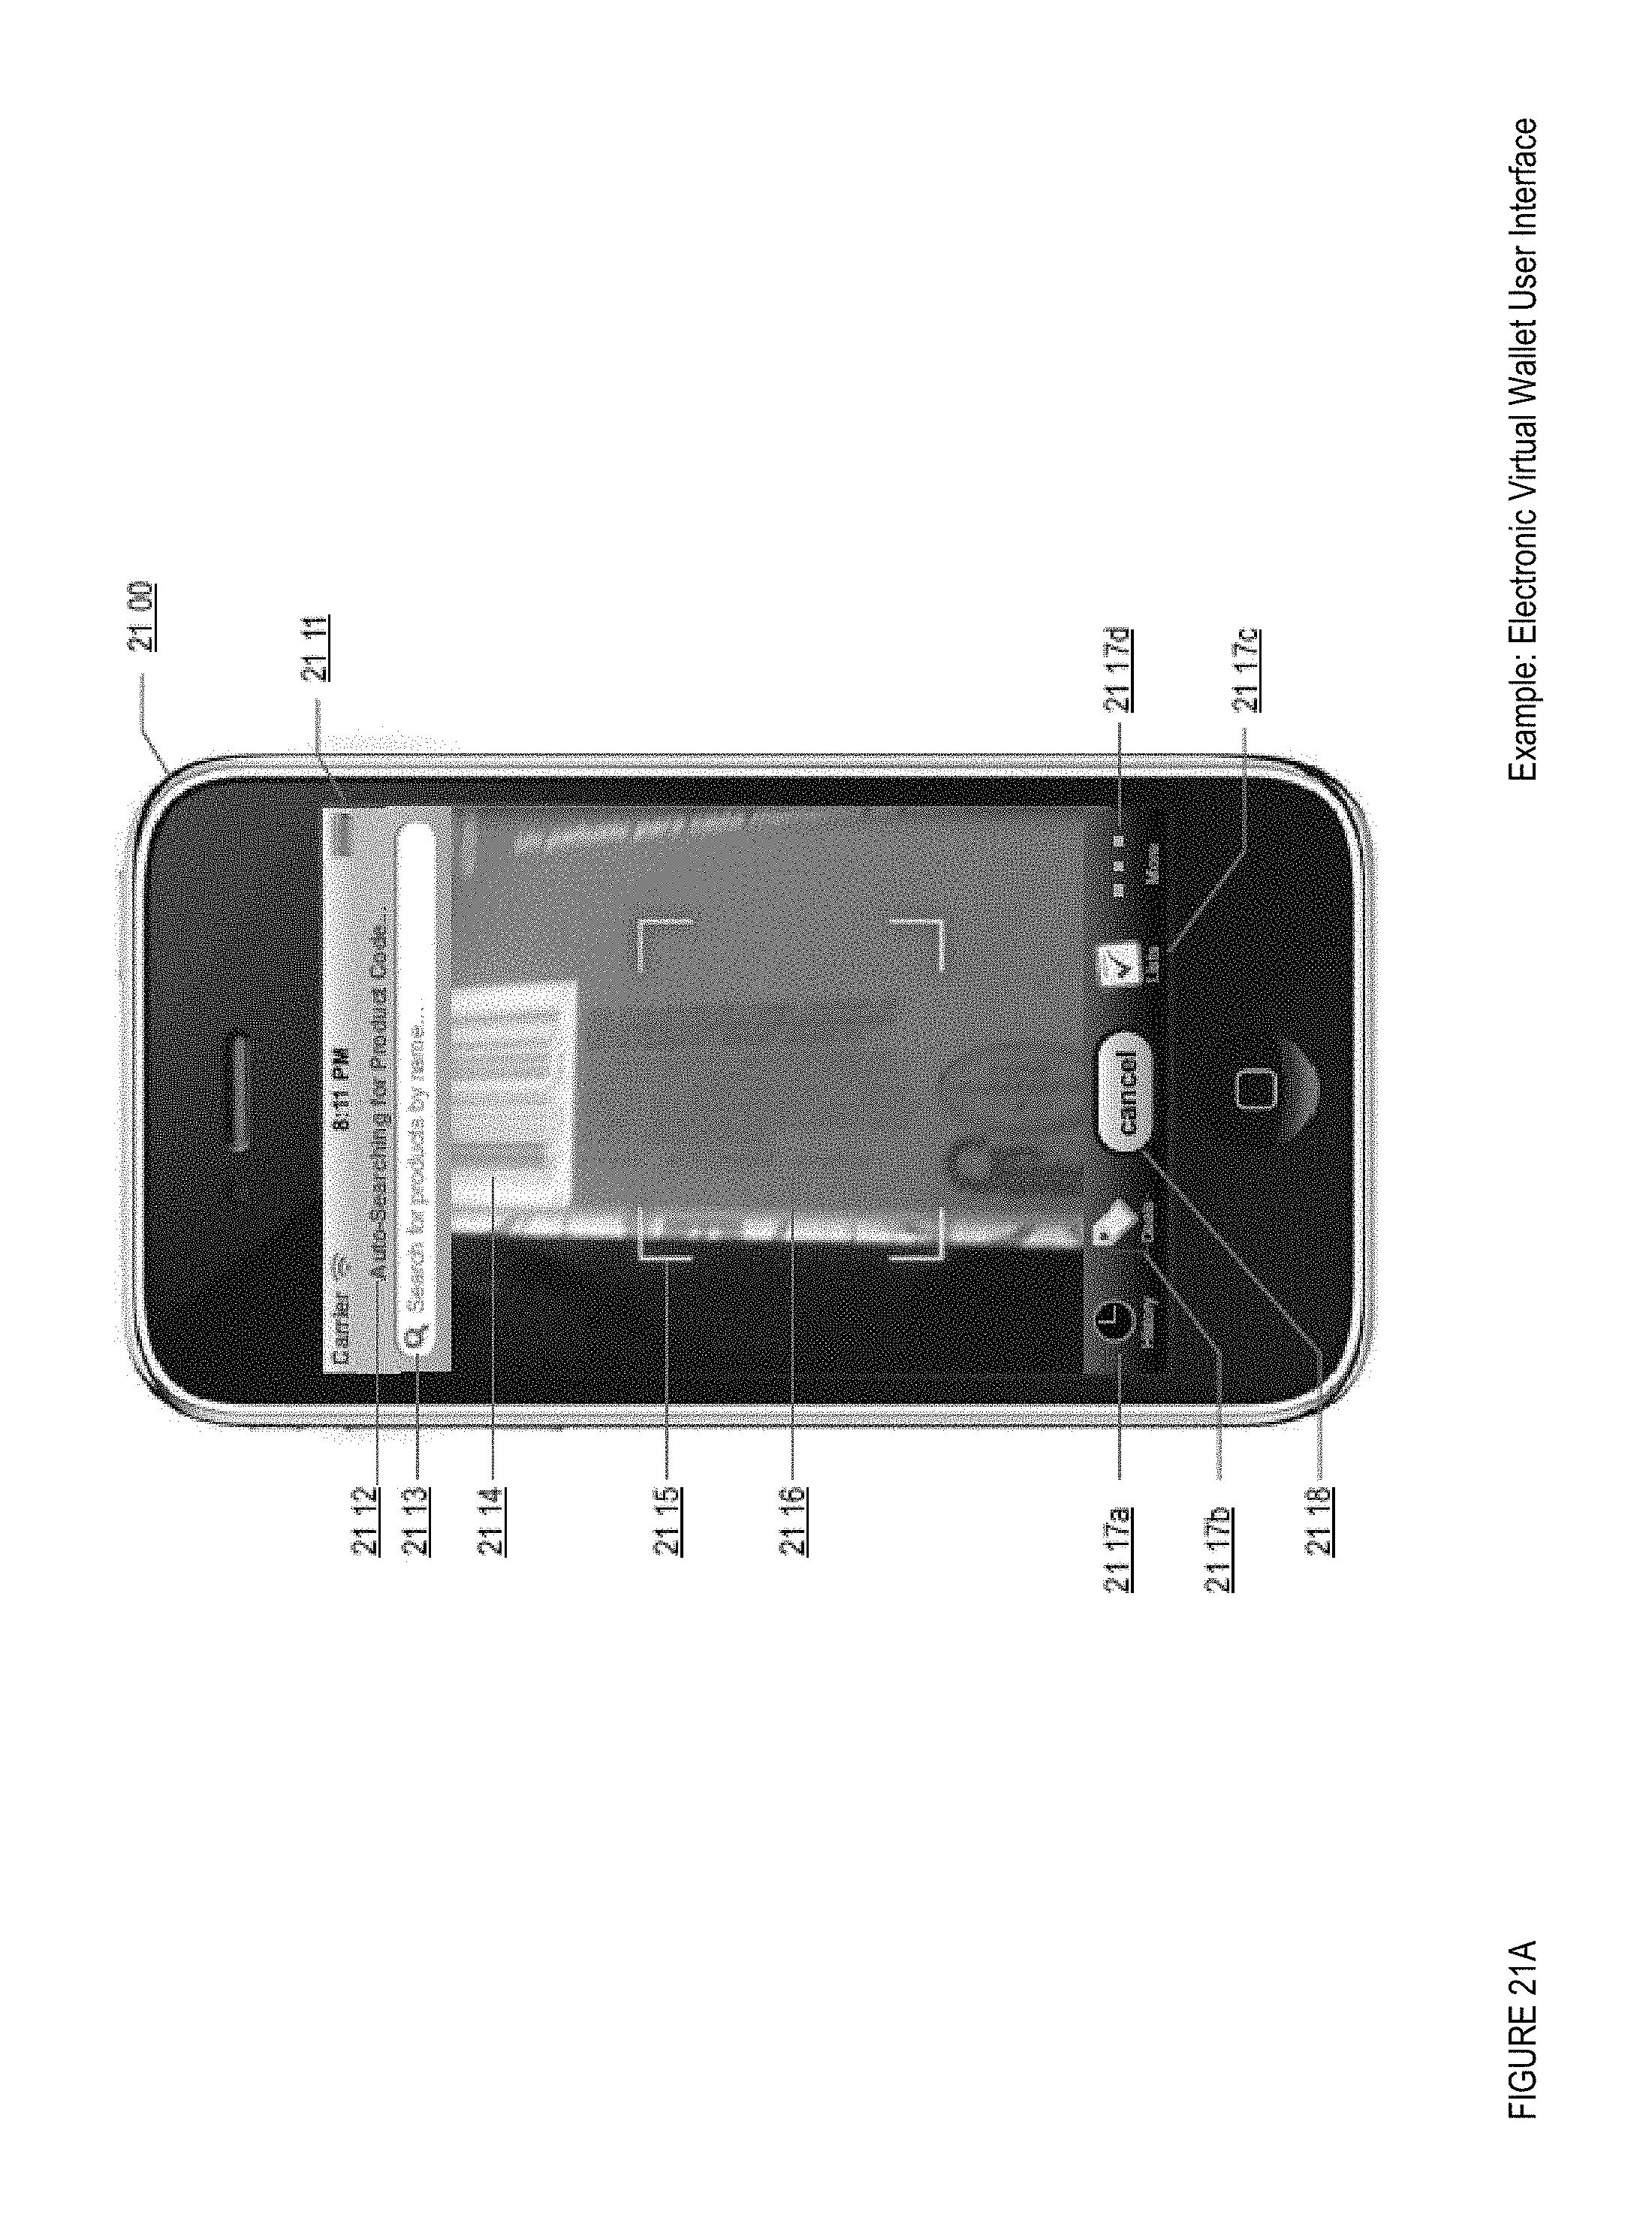 Patent Us 9830328 B2 Richard 4847 Ttec Automotive Electronics Images